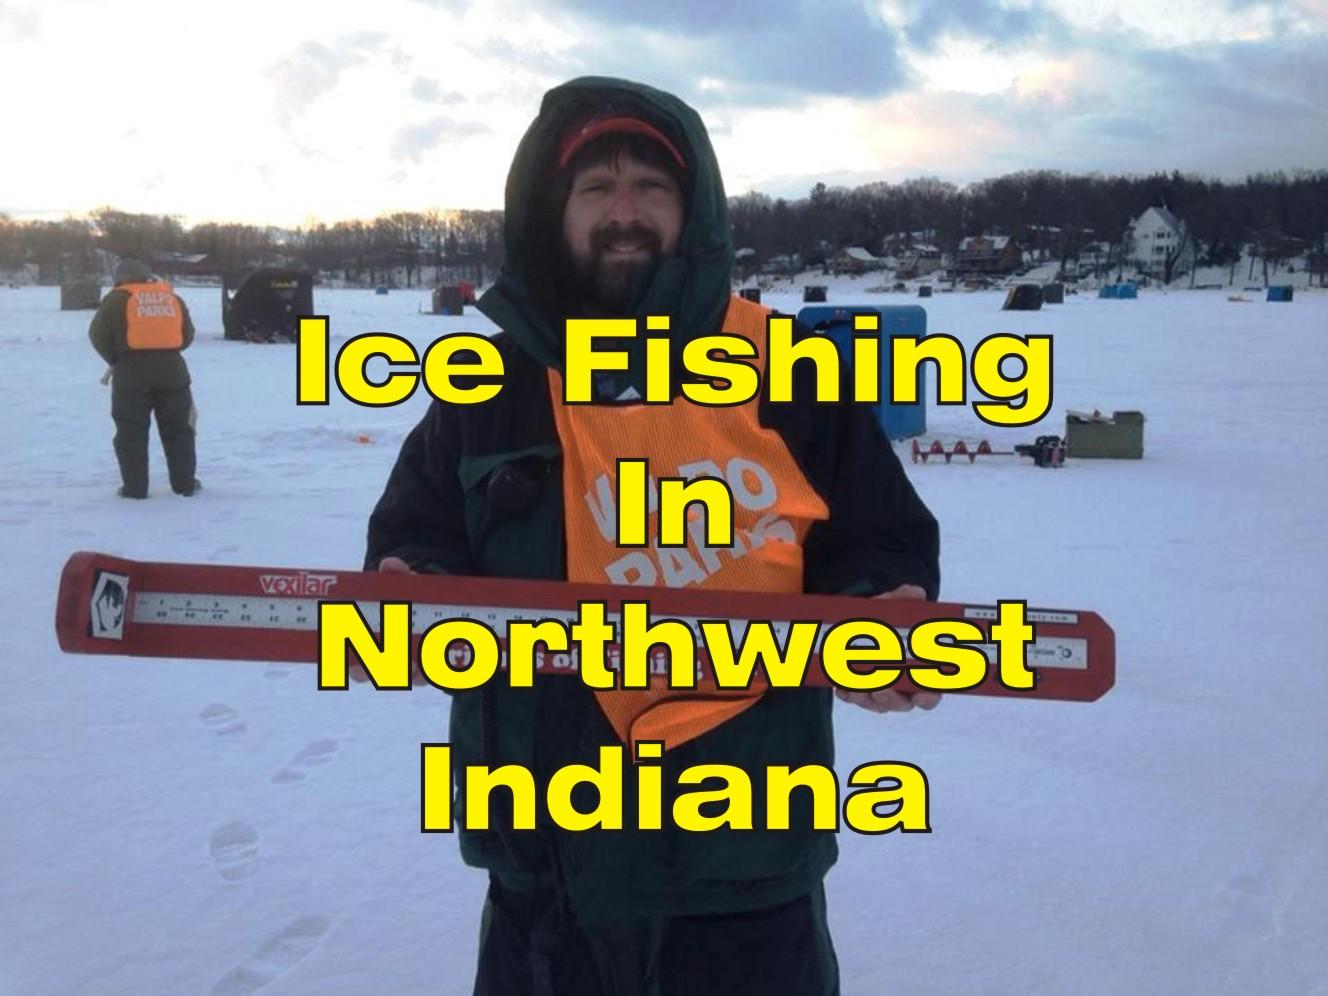 ICE FISHING IN northwest indiana